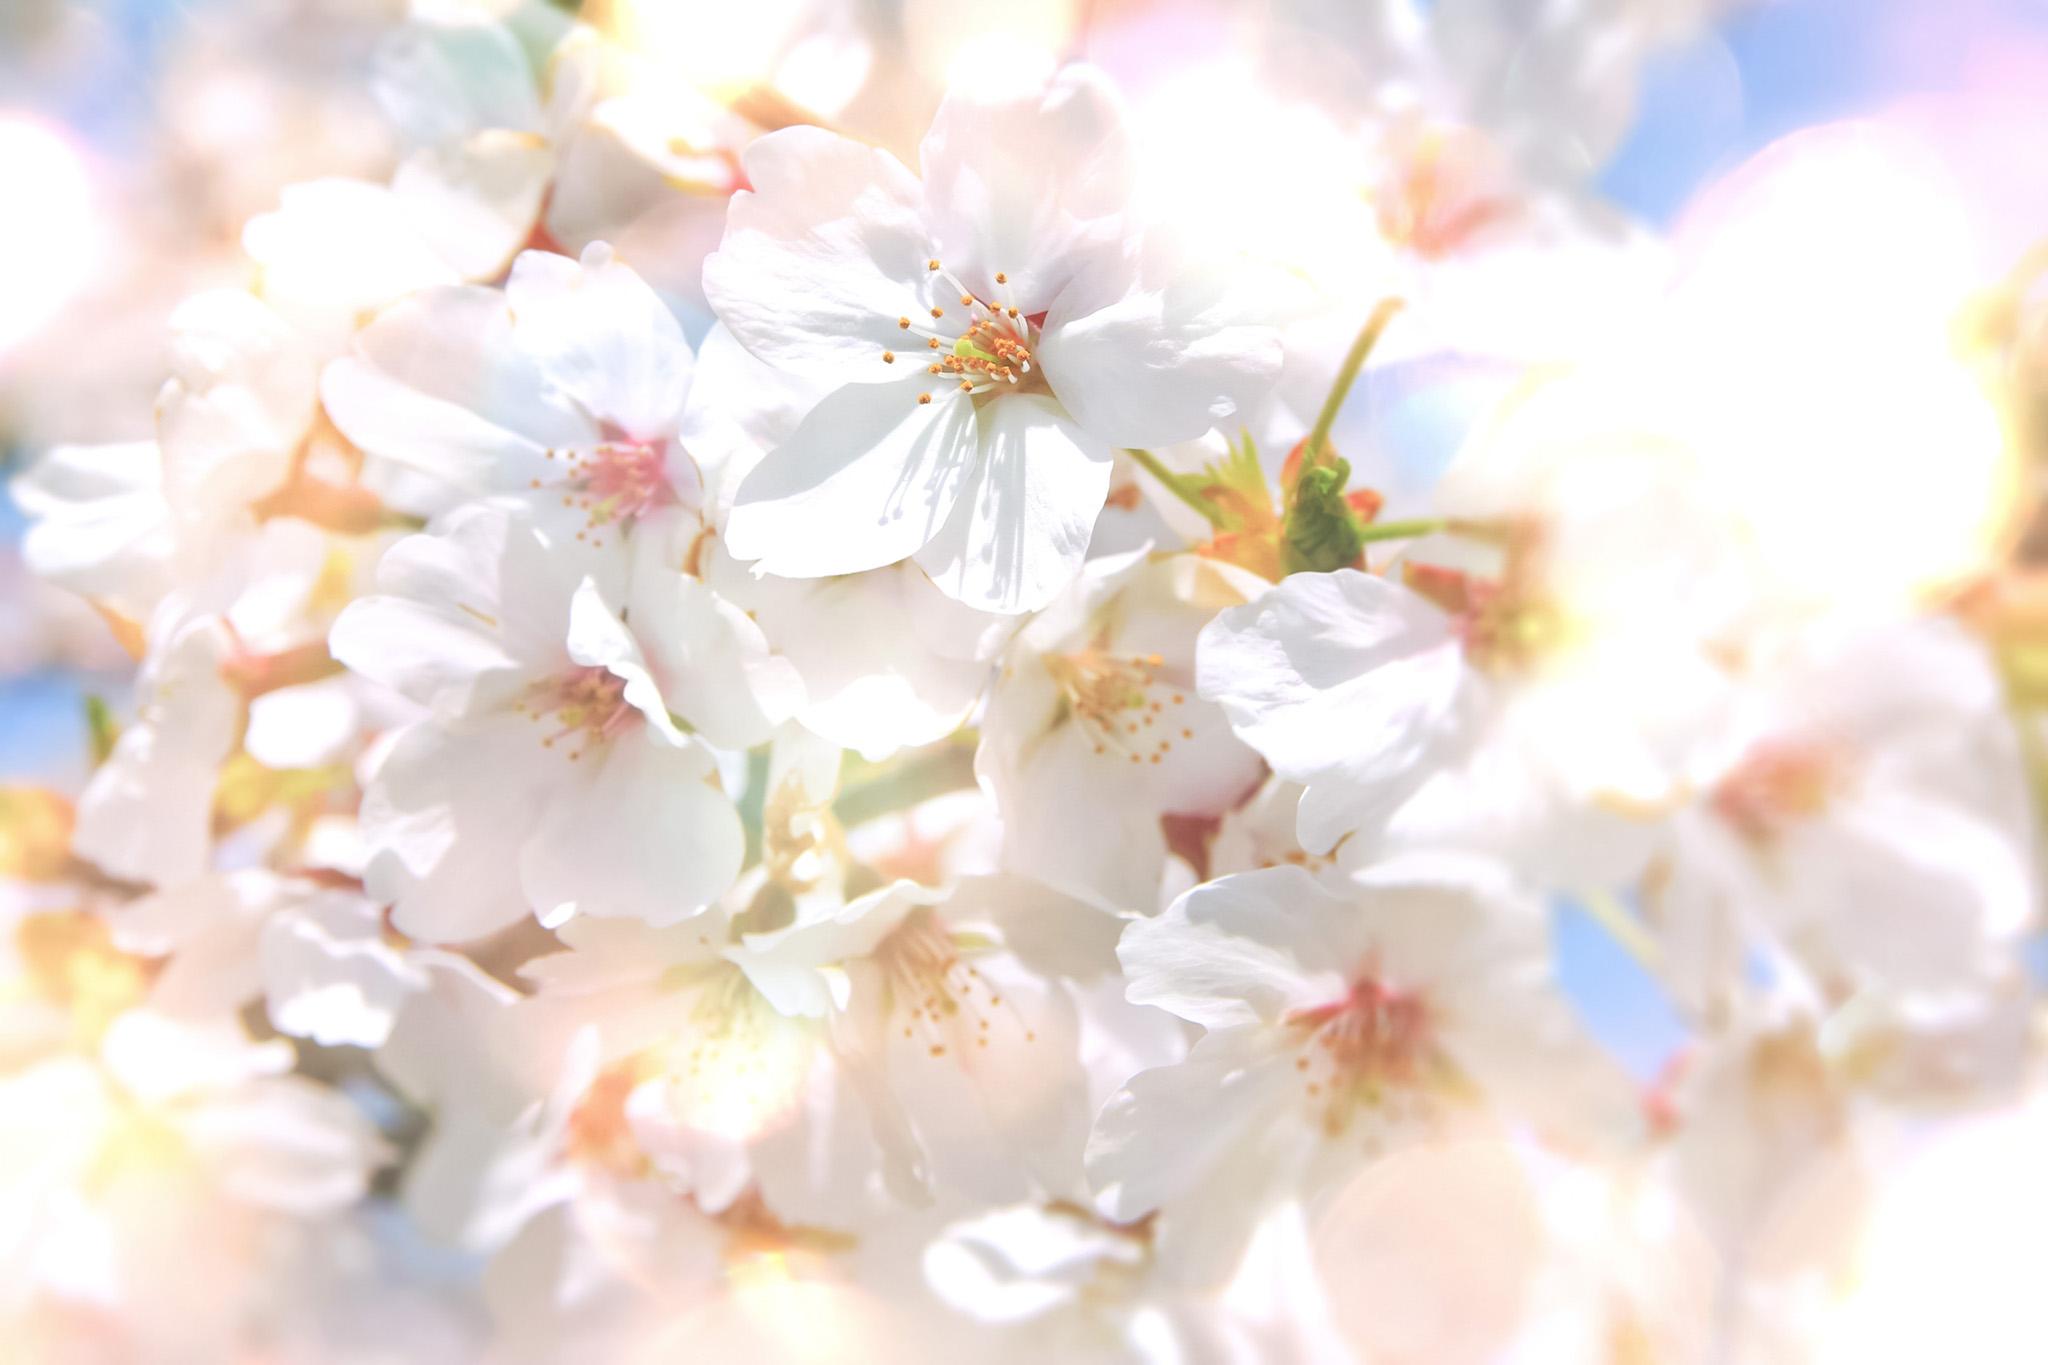 「キラキラの光と桜」の背景を無料ダウンロード